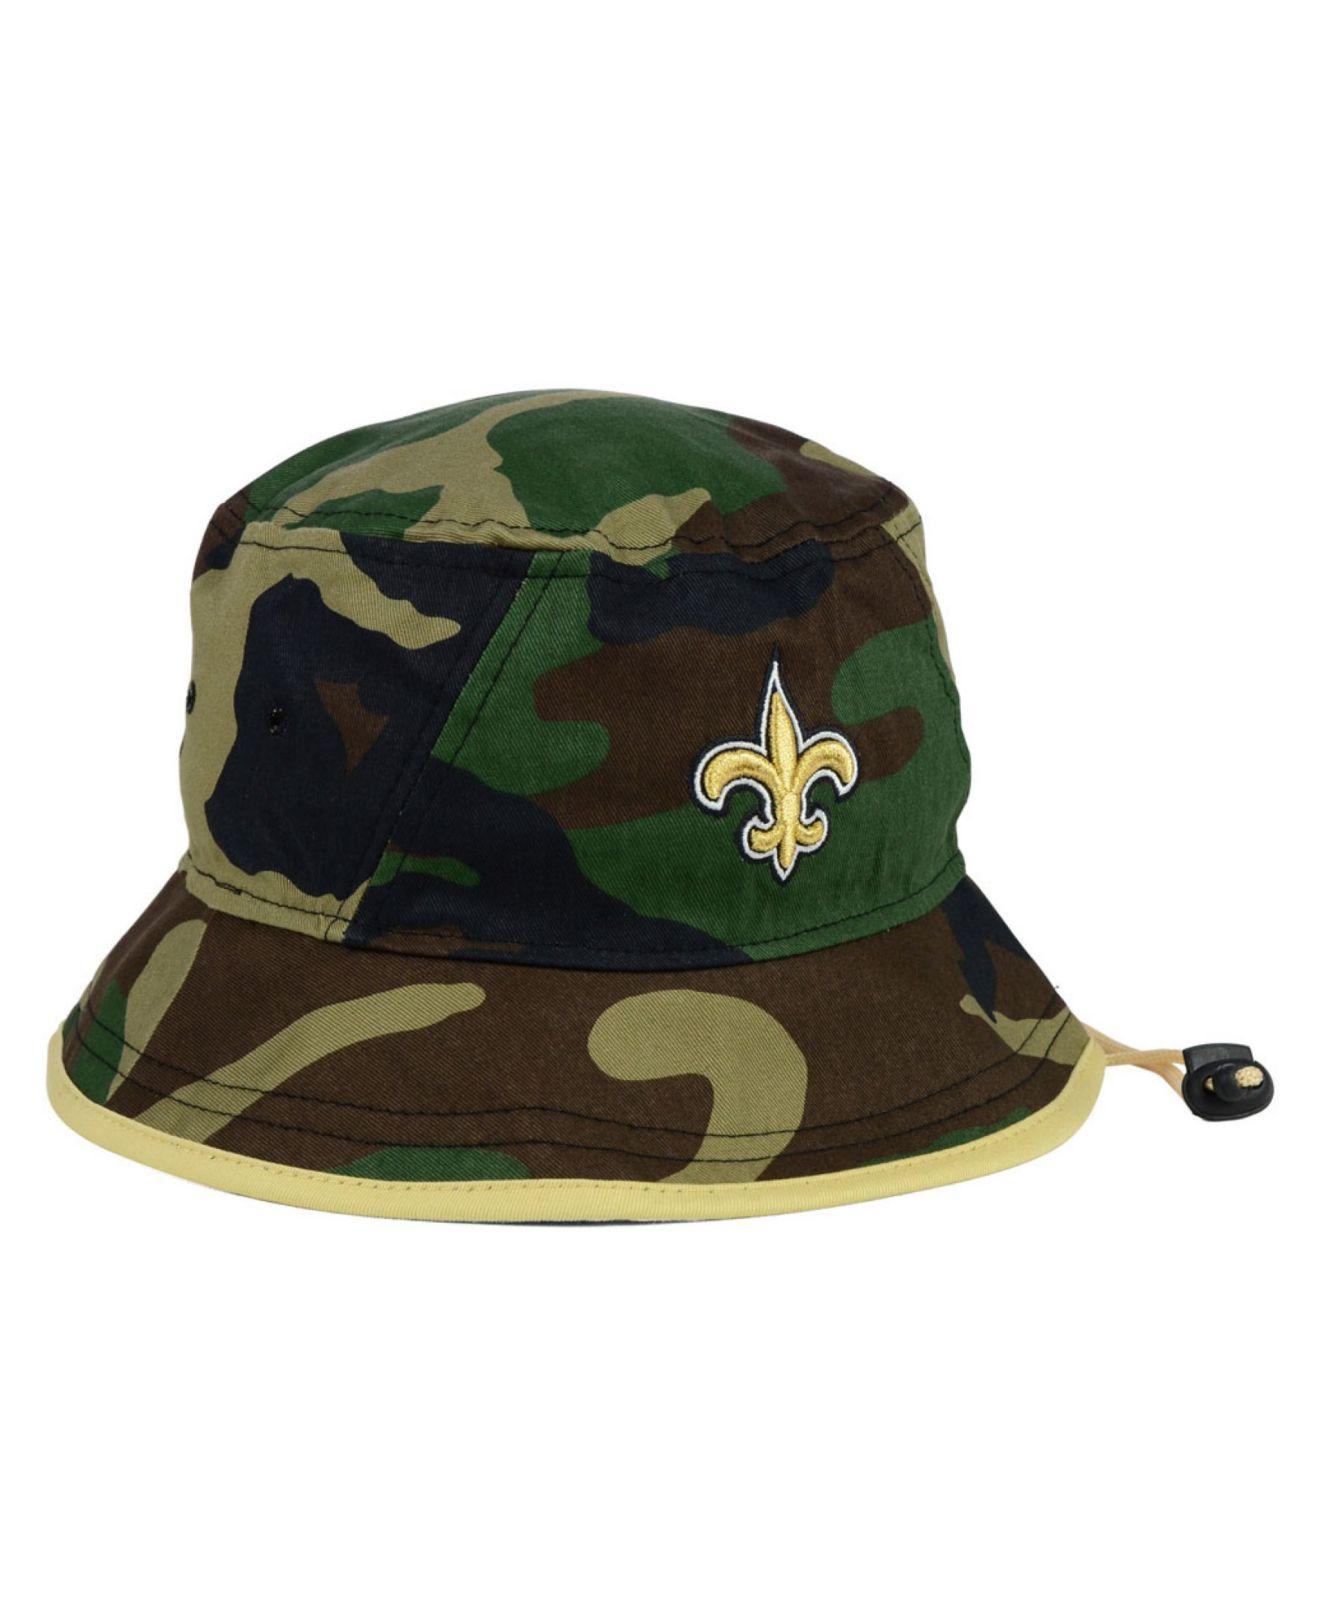 a40eabf7418 Lyst - KTZ New Orleans Saints Camo Pop Bucket Hat in Green for Men